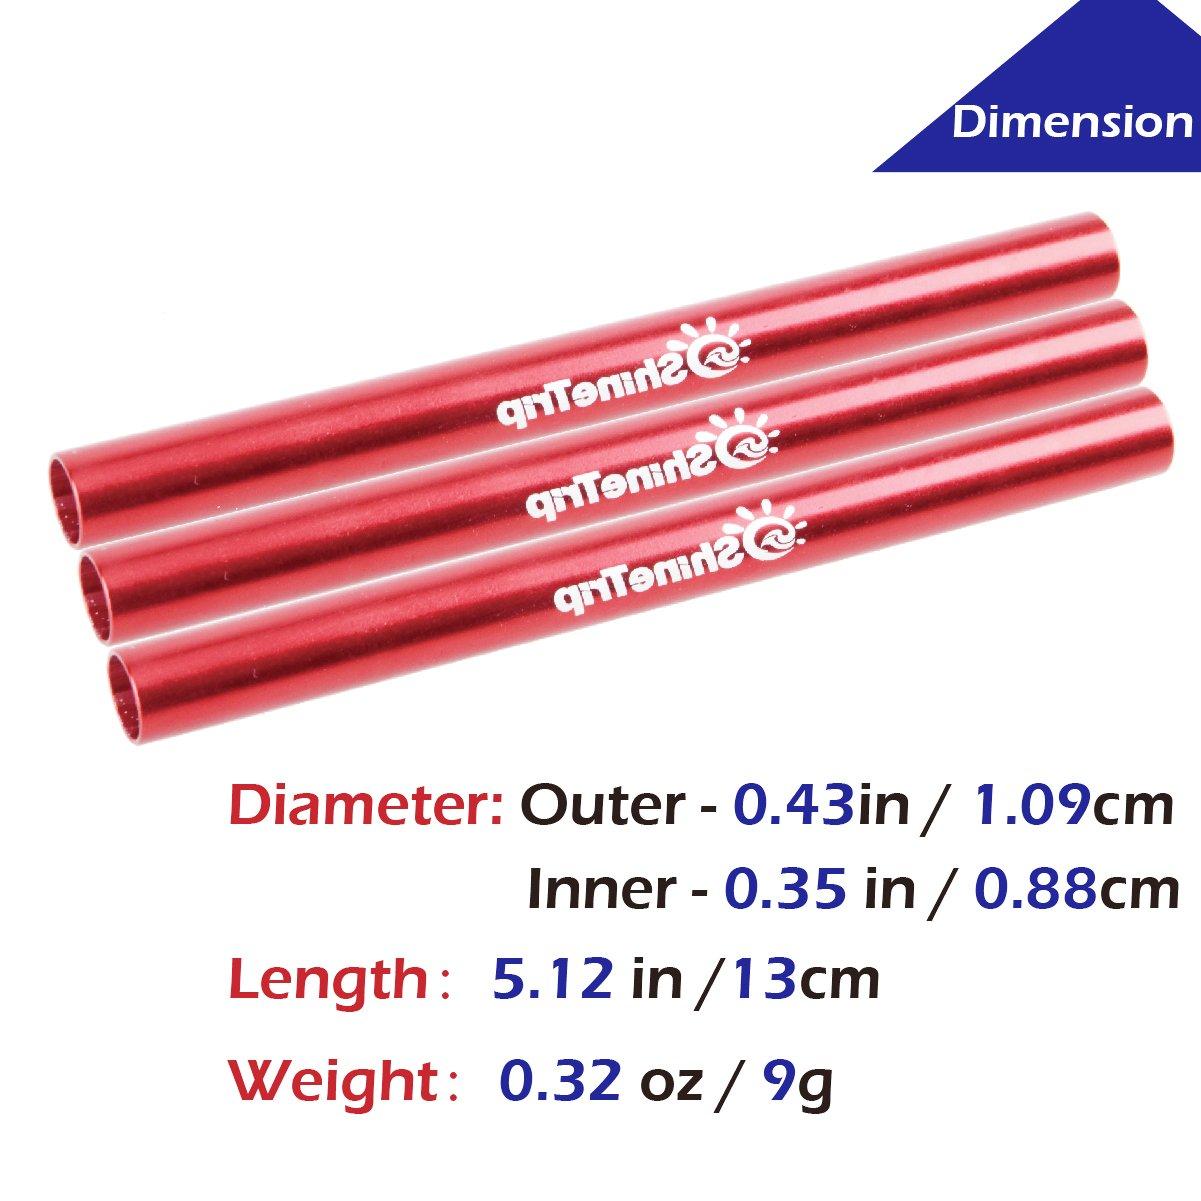 TRIWONDER Tube de r/éparation de rechange de kit de r/éparation dattelle de r/éparation de tuyau de tente pour le diam/ètre 7.9-8.5mm